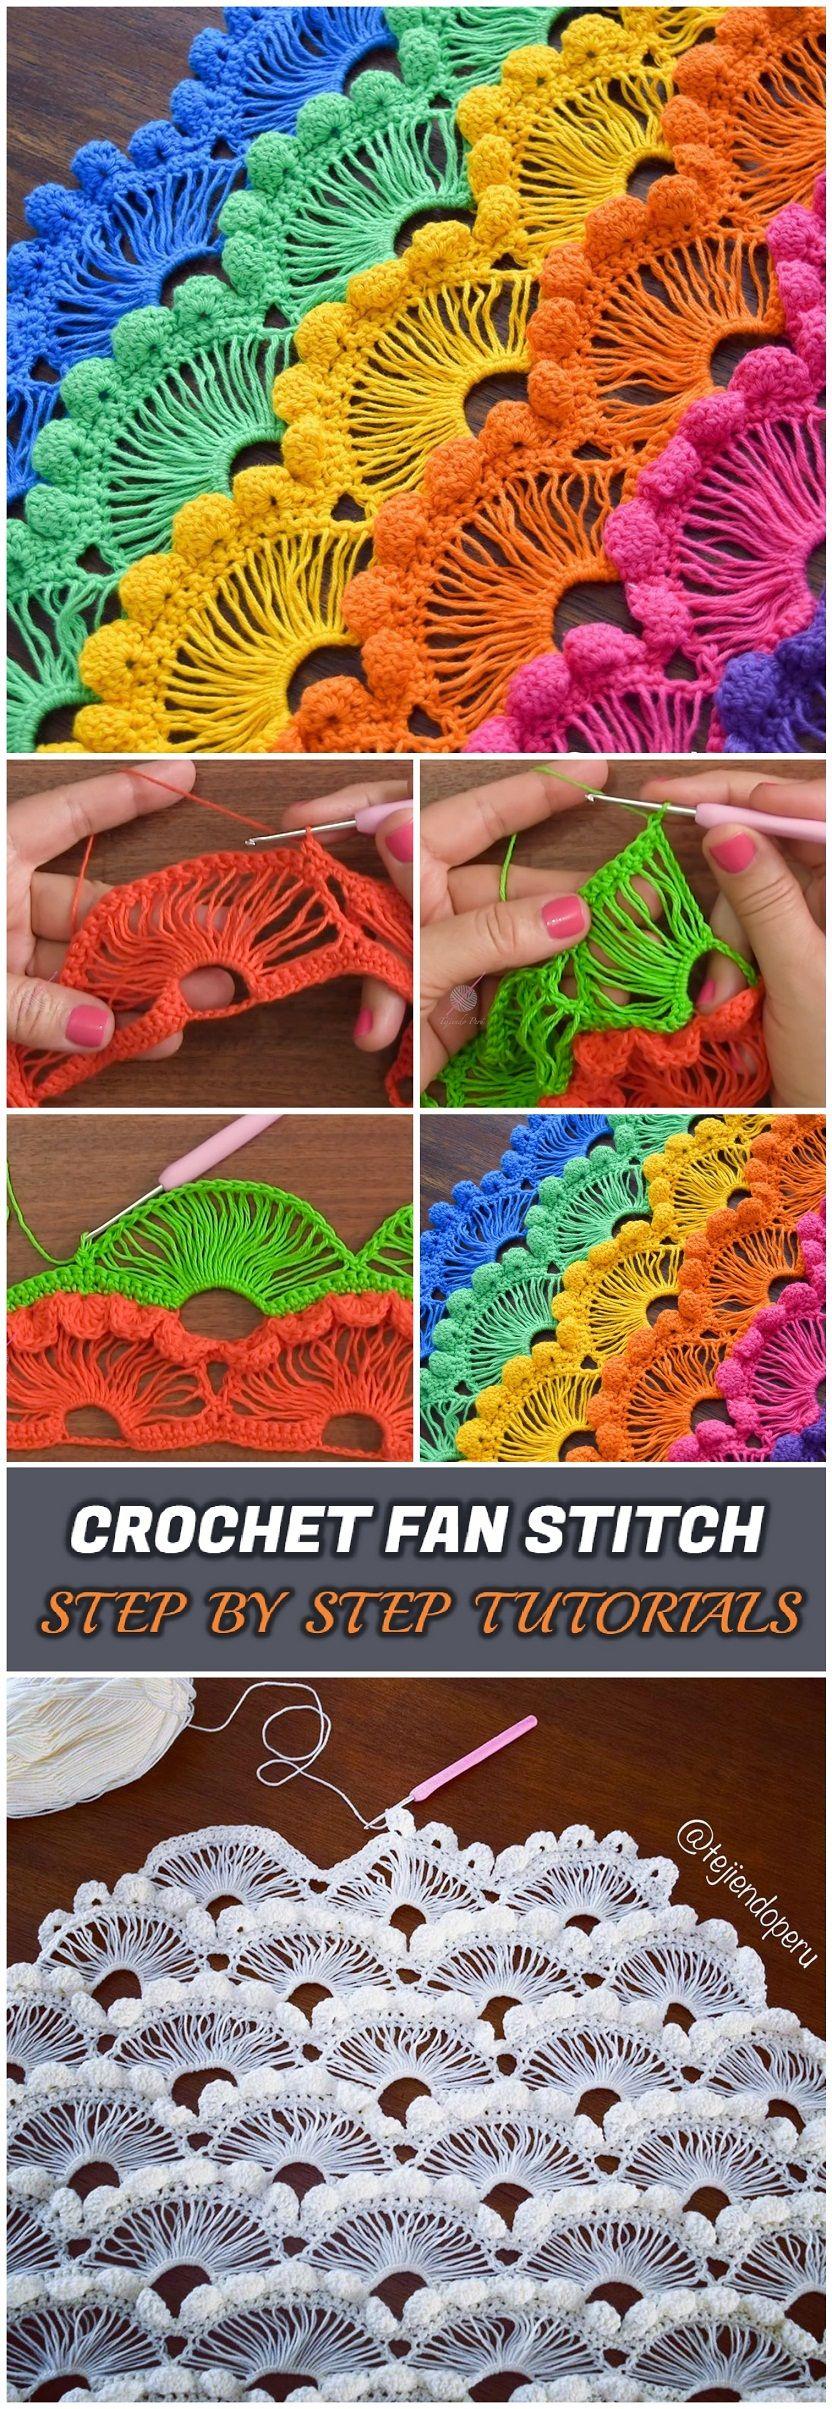 Crochet Fan Stitch - Step By Step Tutorials | háčkování | Pinterest ...